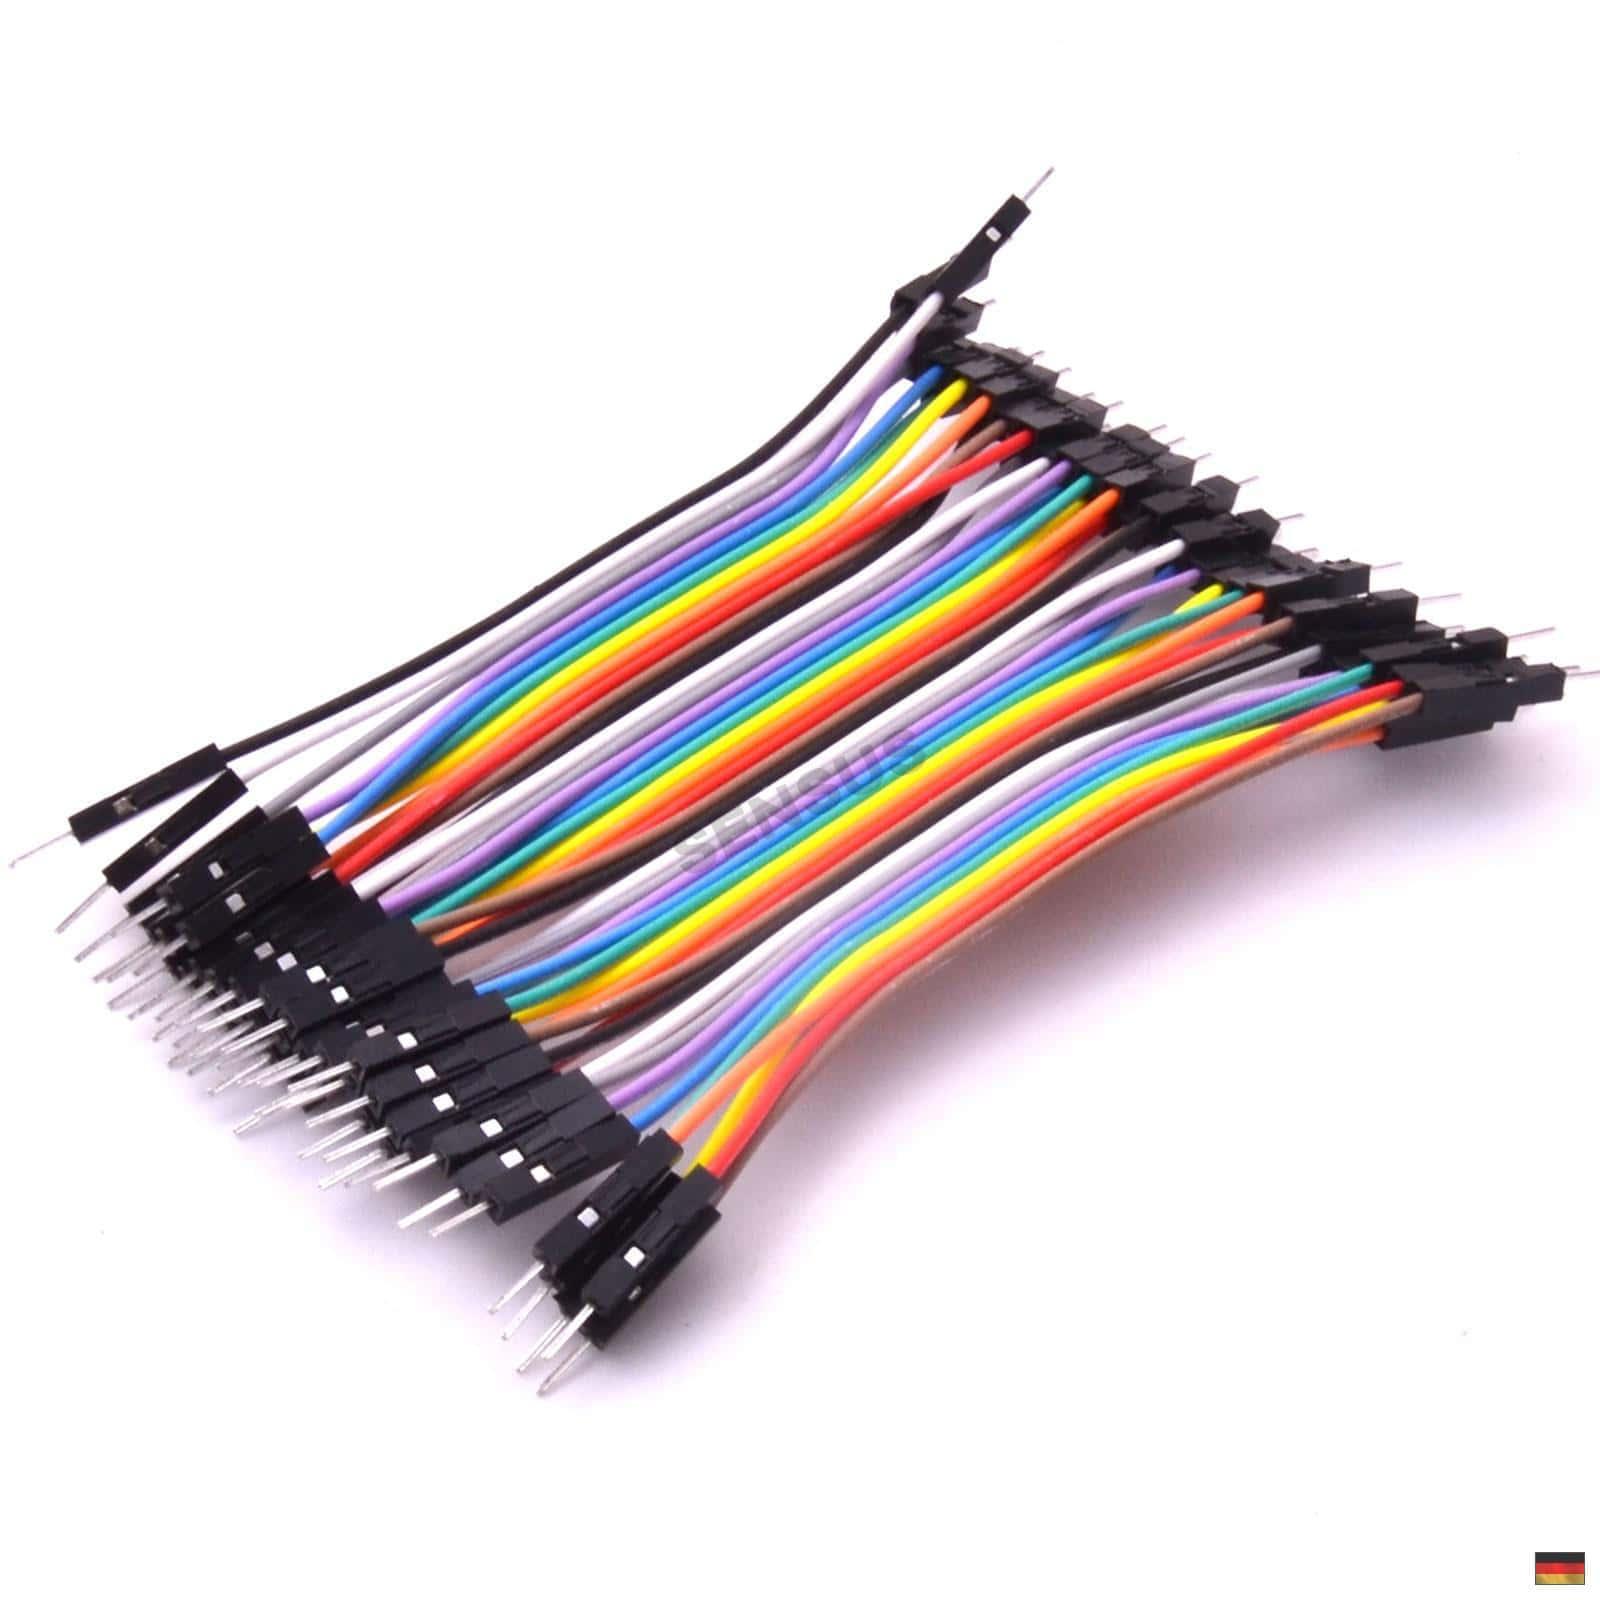 40-Pin Jumperkabel//Pin Steckbrücken weiblich-männlich für Arduino//Raspberry Pi